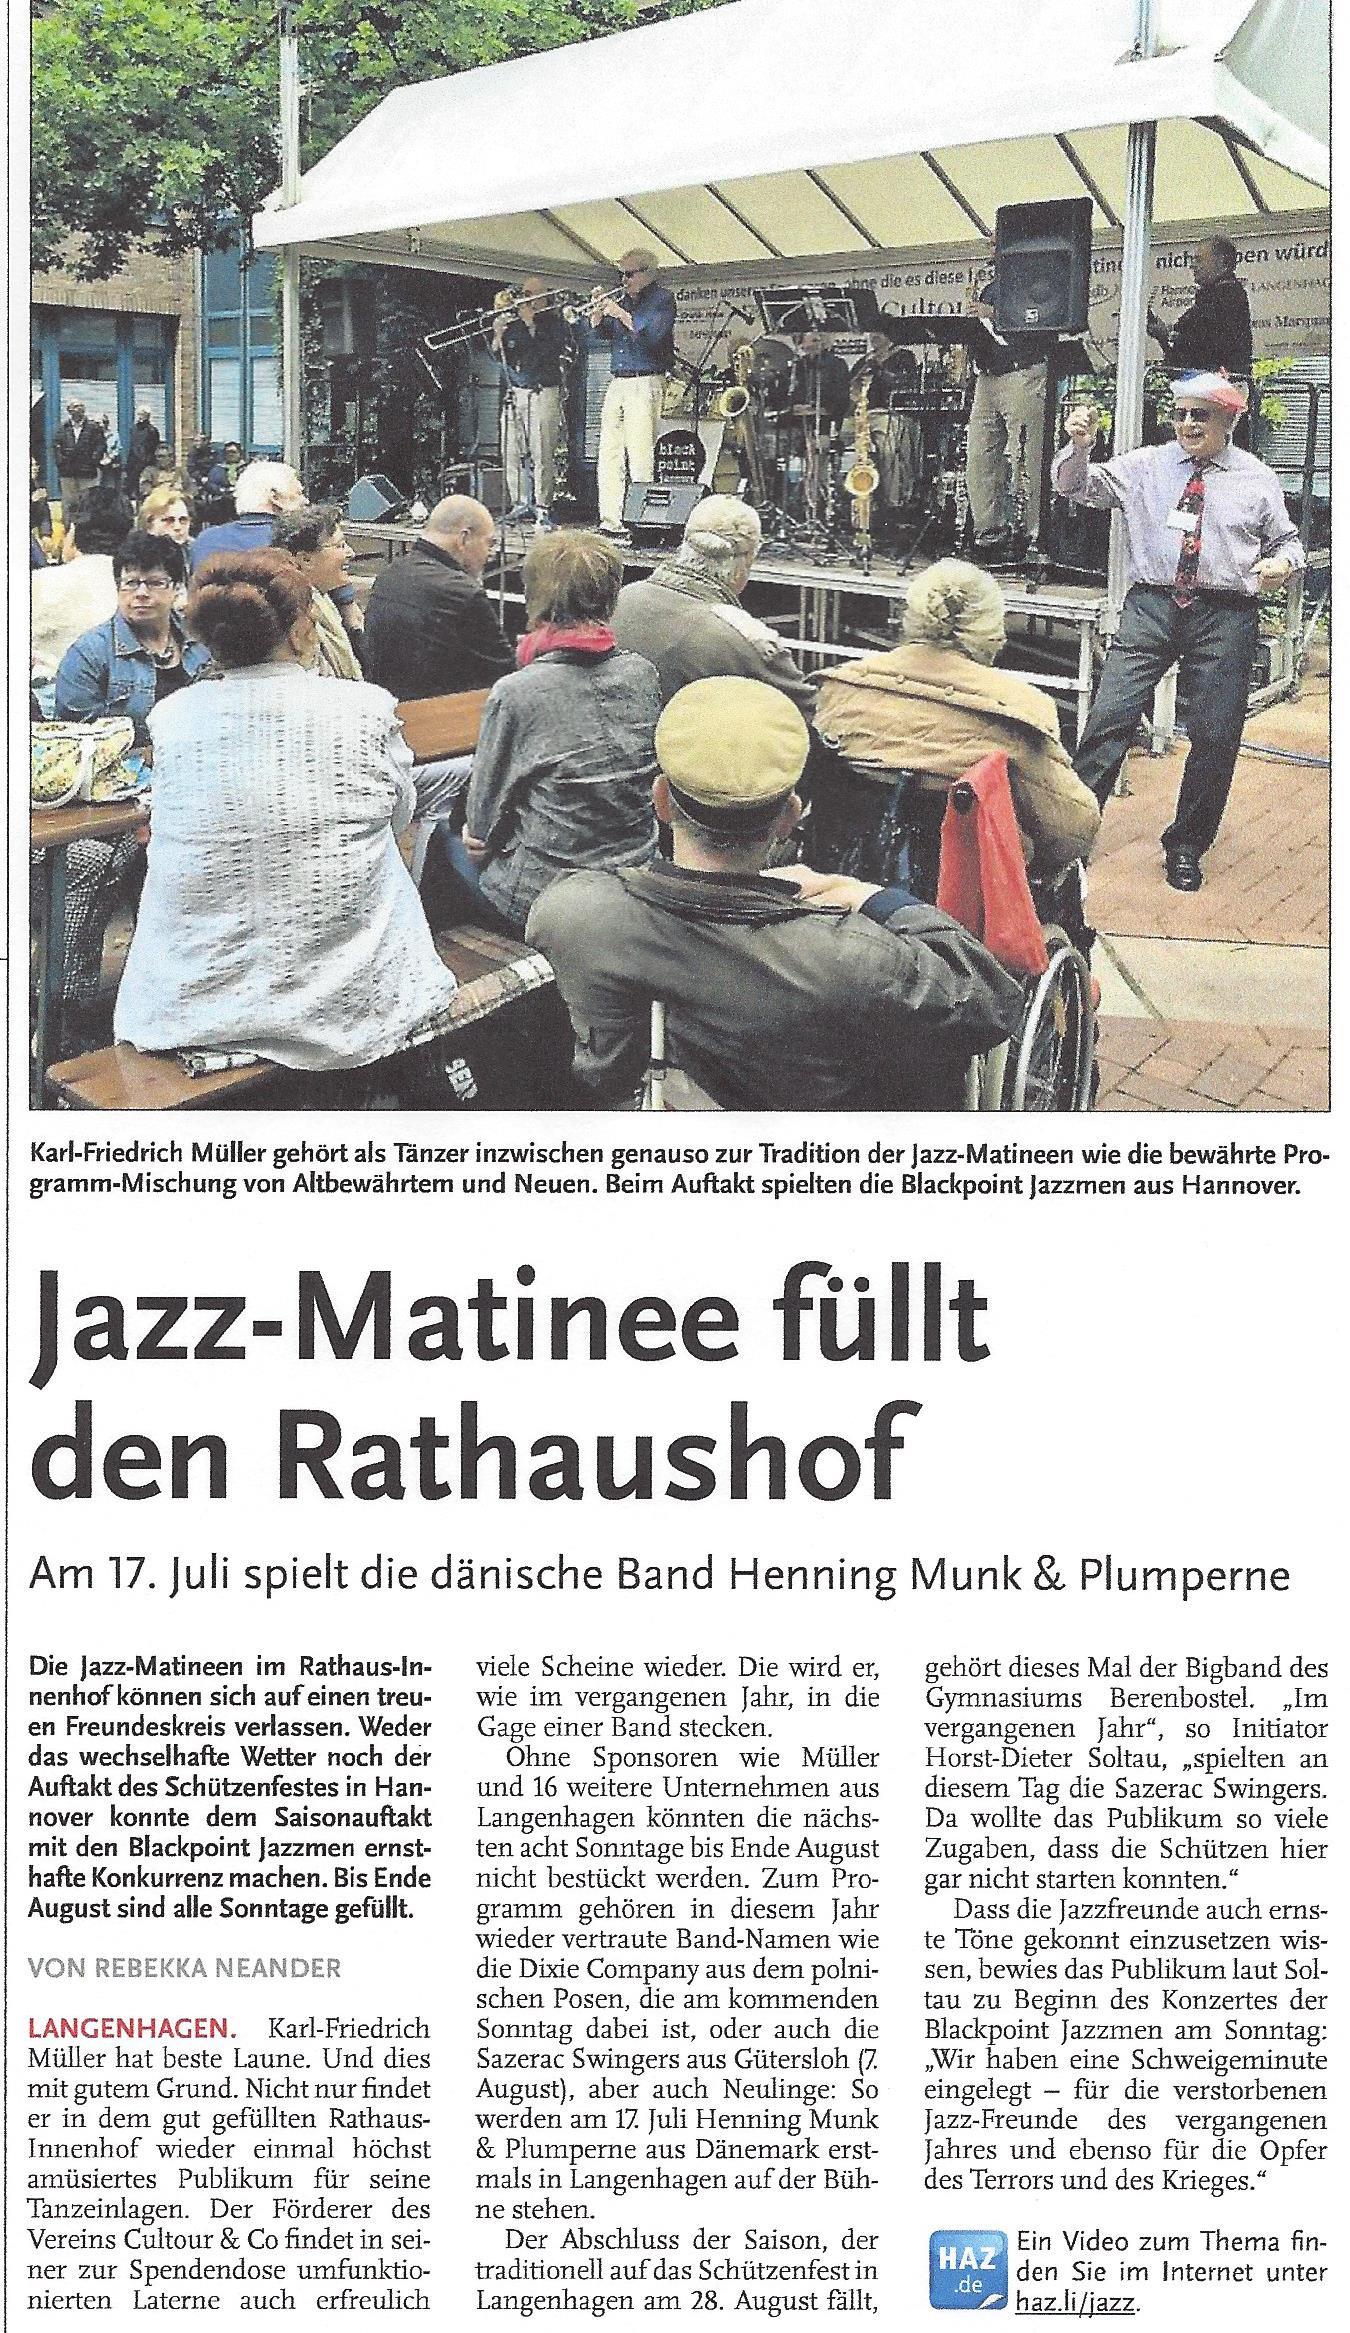 Jazz-Matinee füllt den Rathaushof